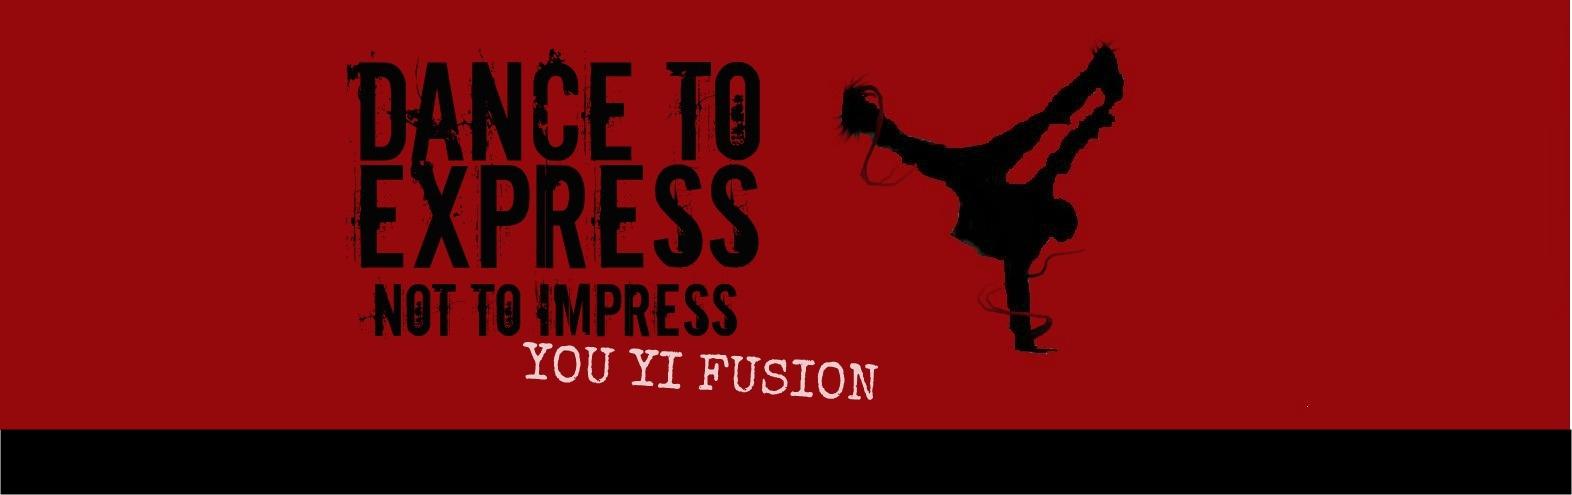 YOU YI FUSION